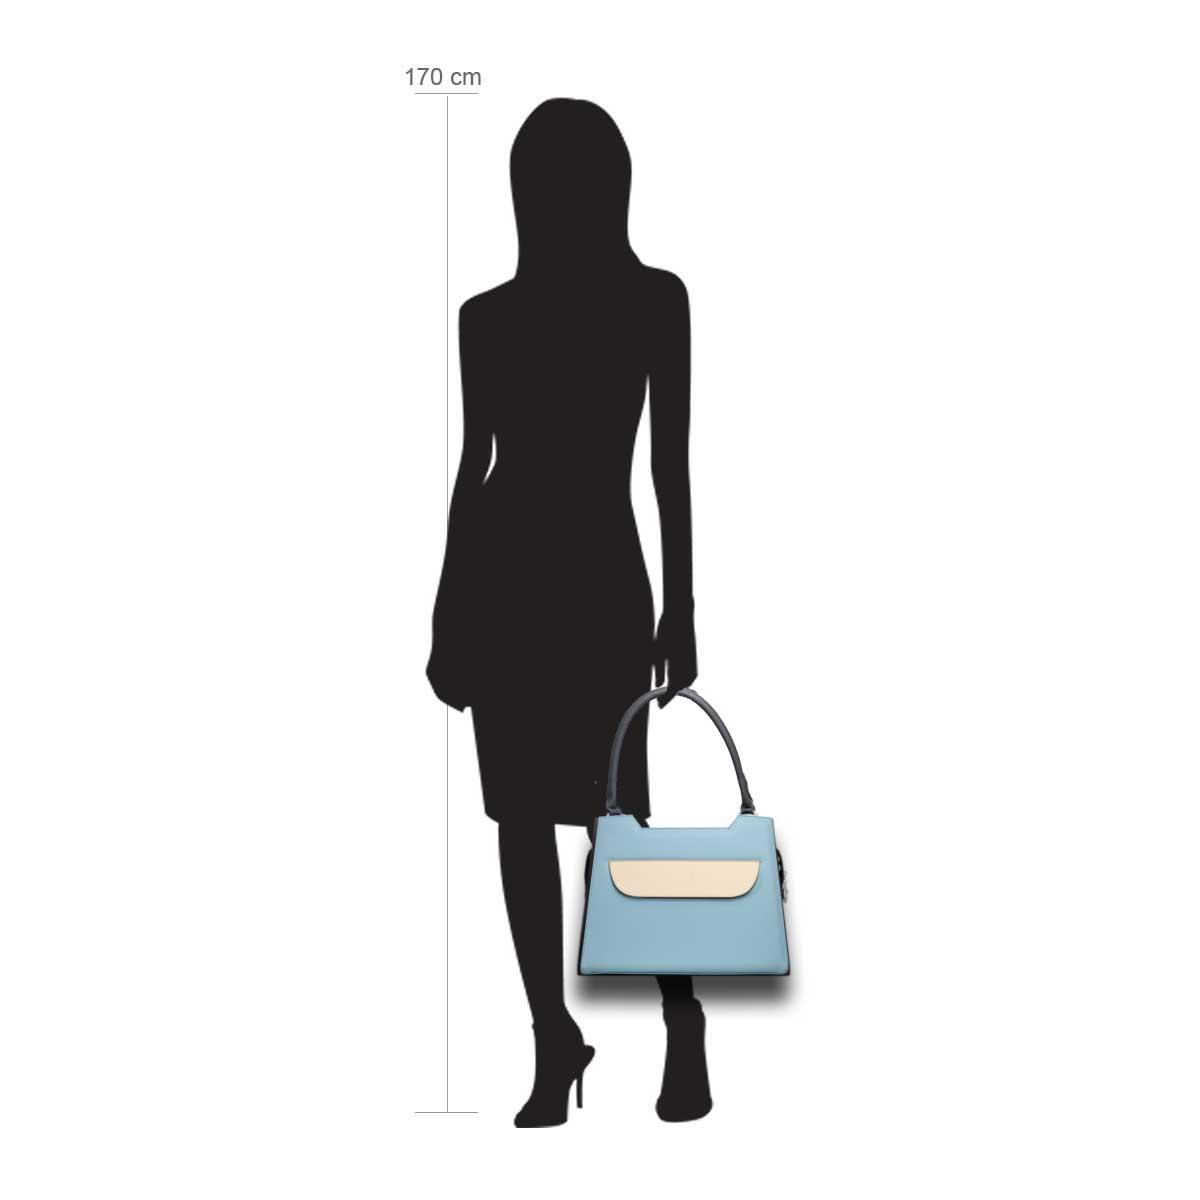 Puppe 170 cm groß zeigt die Taschengröße an . Modell: Lissabon blau weiß